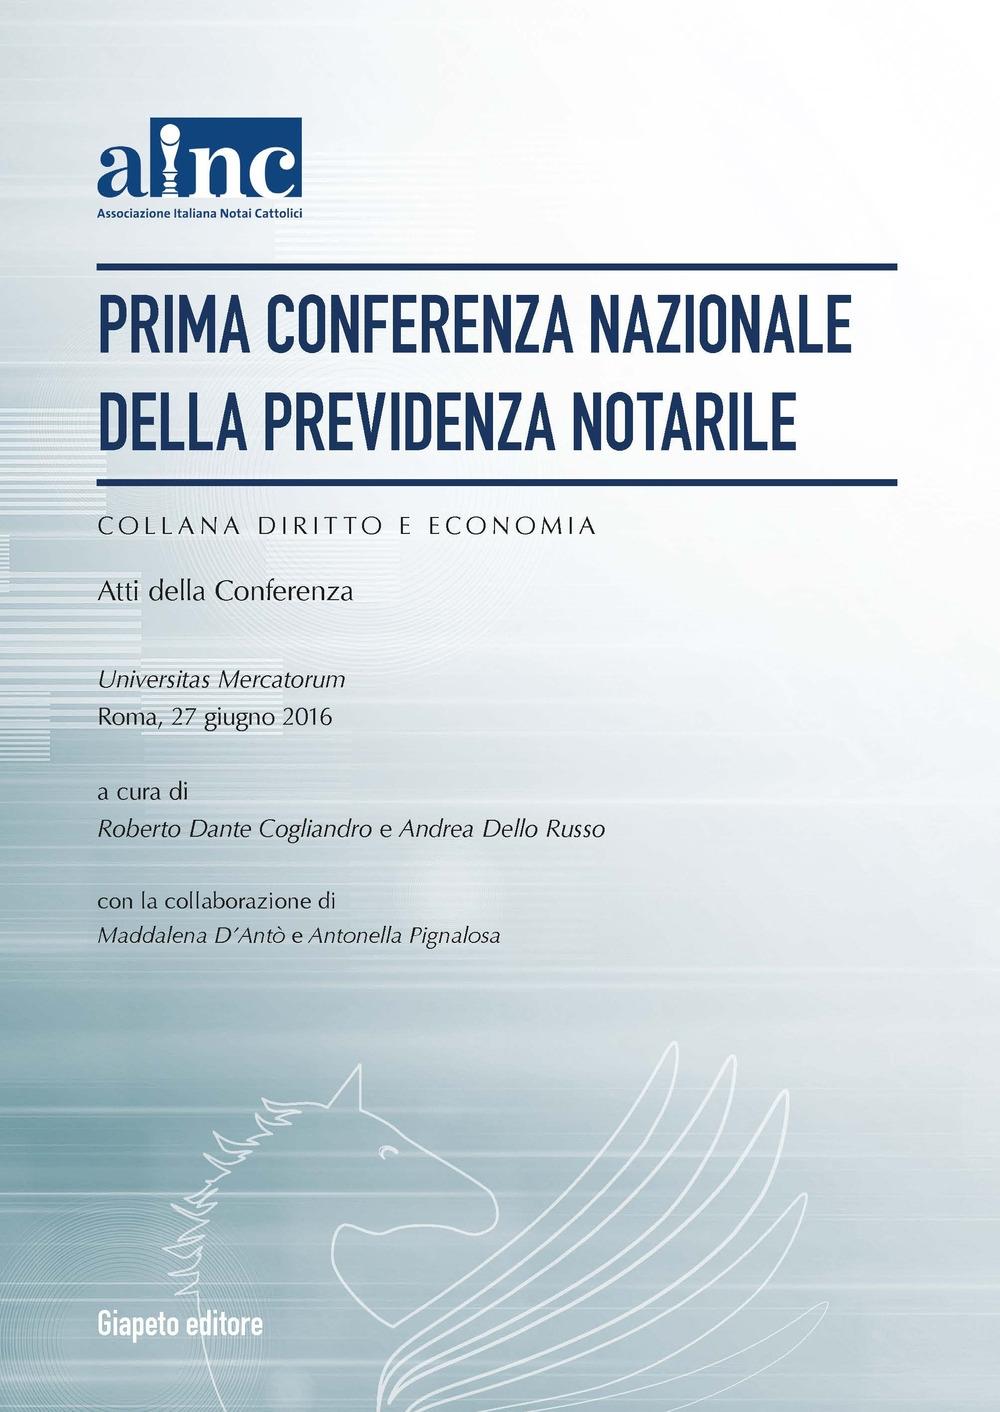 Prima conferenza nazionale della previdenza notarile. Atti della Conferenza (Roma, 27 giugno 2016)